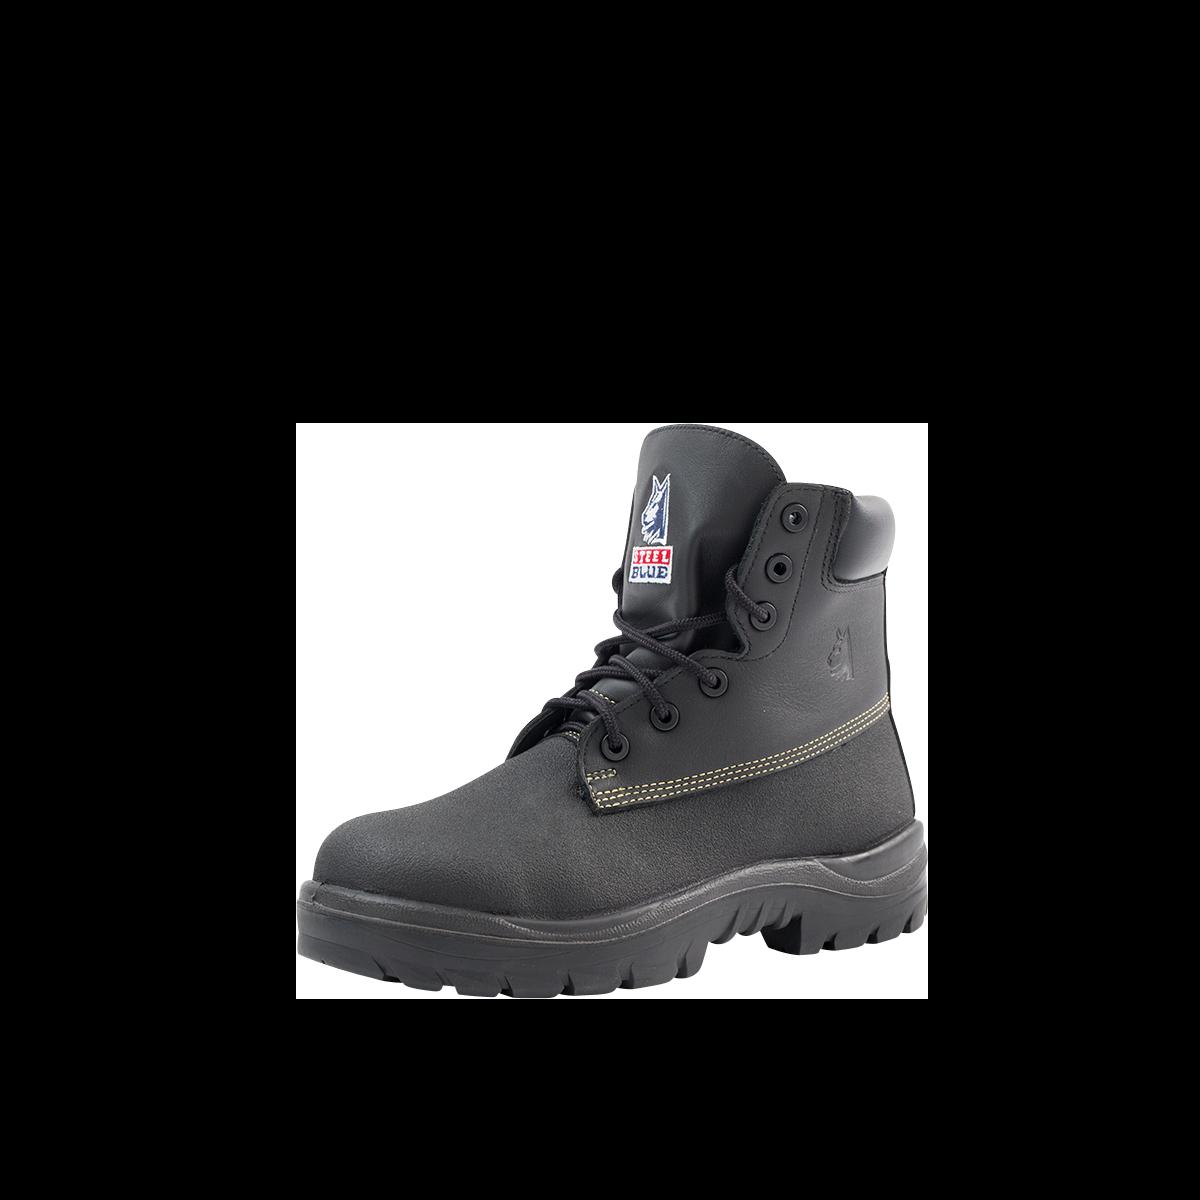 baf6a11e480 Warragul Men's Galosh Style Work Boot with Steel Toe from Steel Blue